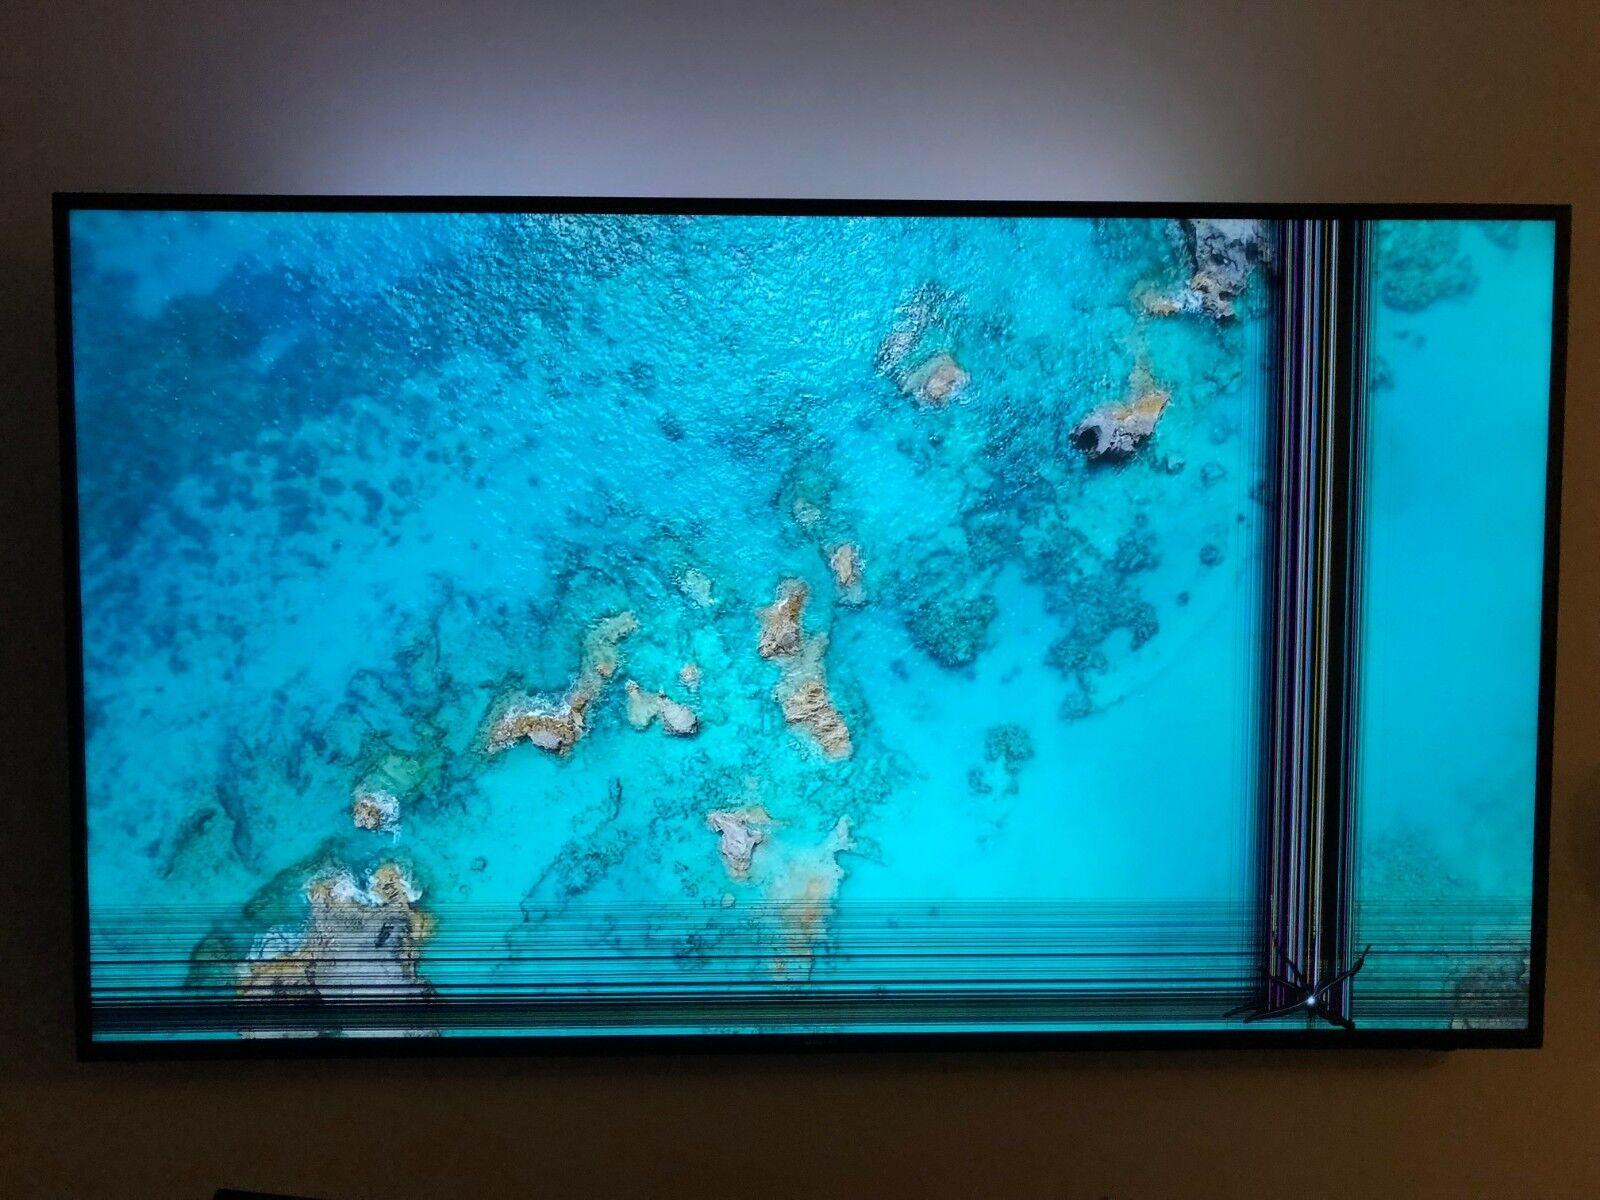 """Samsung 65"""" Class 4K UHD TV-UN65KU630D Broken screen for parts."""